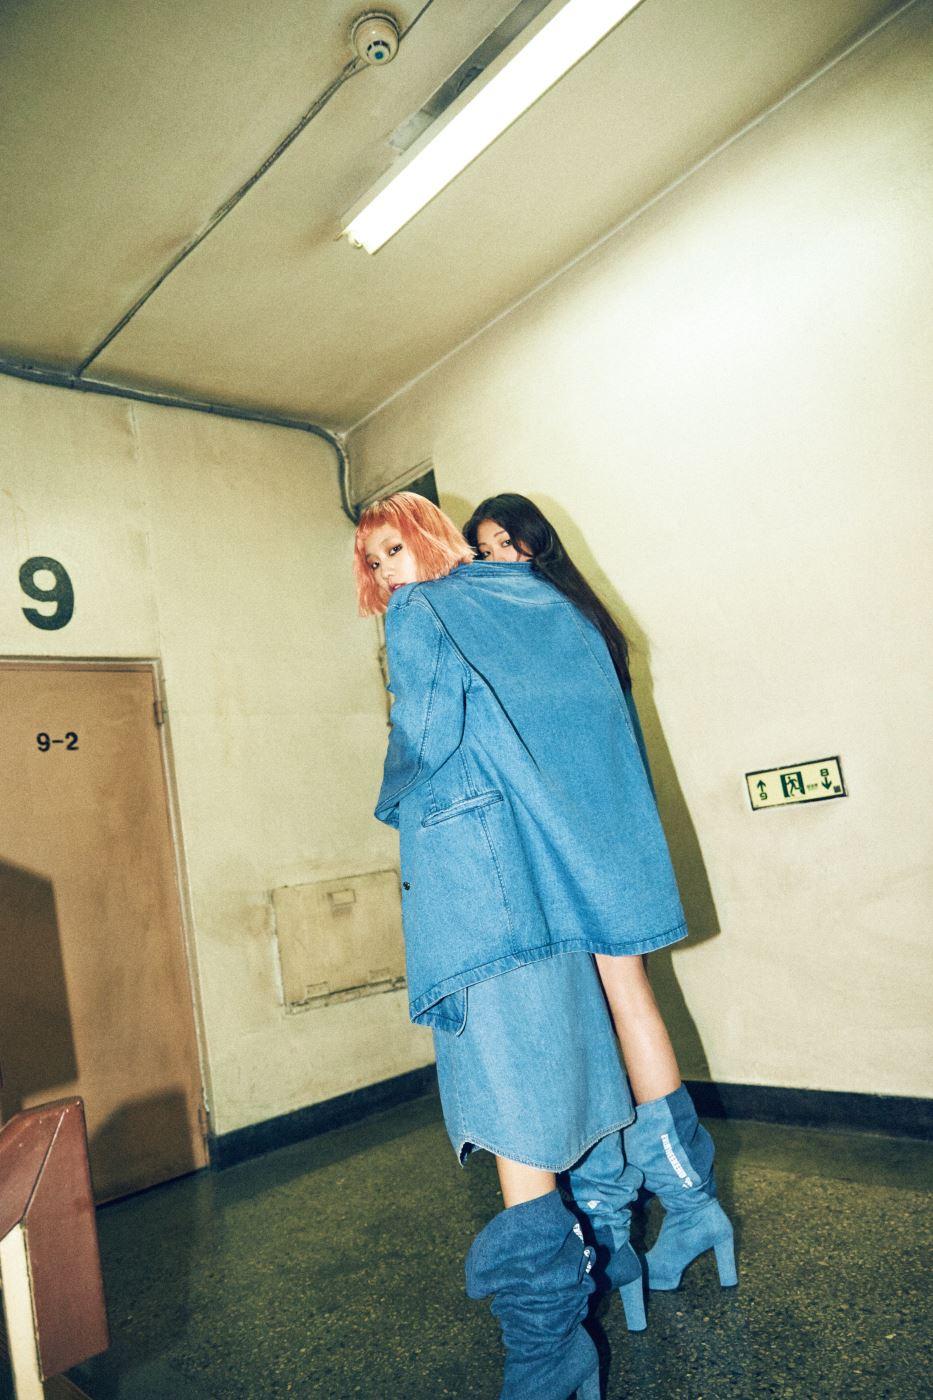 드라마틱한 오버사이즈 데님 재킷, 스커트처럼 연출한 데님 셔츠, 늘어지게 신기 좋은 사이하이 부츠는 모두 SJYP 제품.